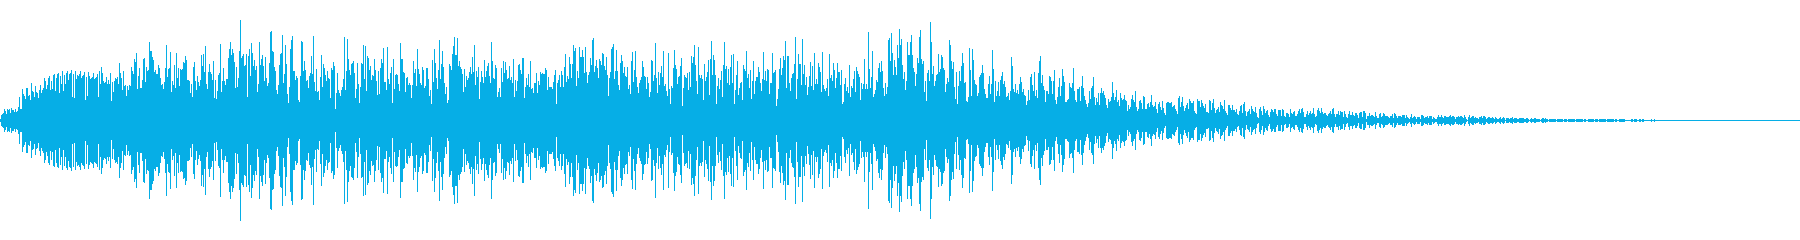 木琴アルペジオの再生済みの波形